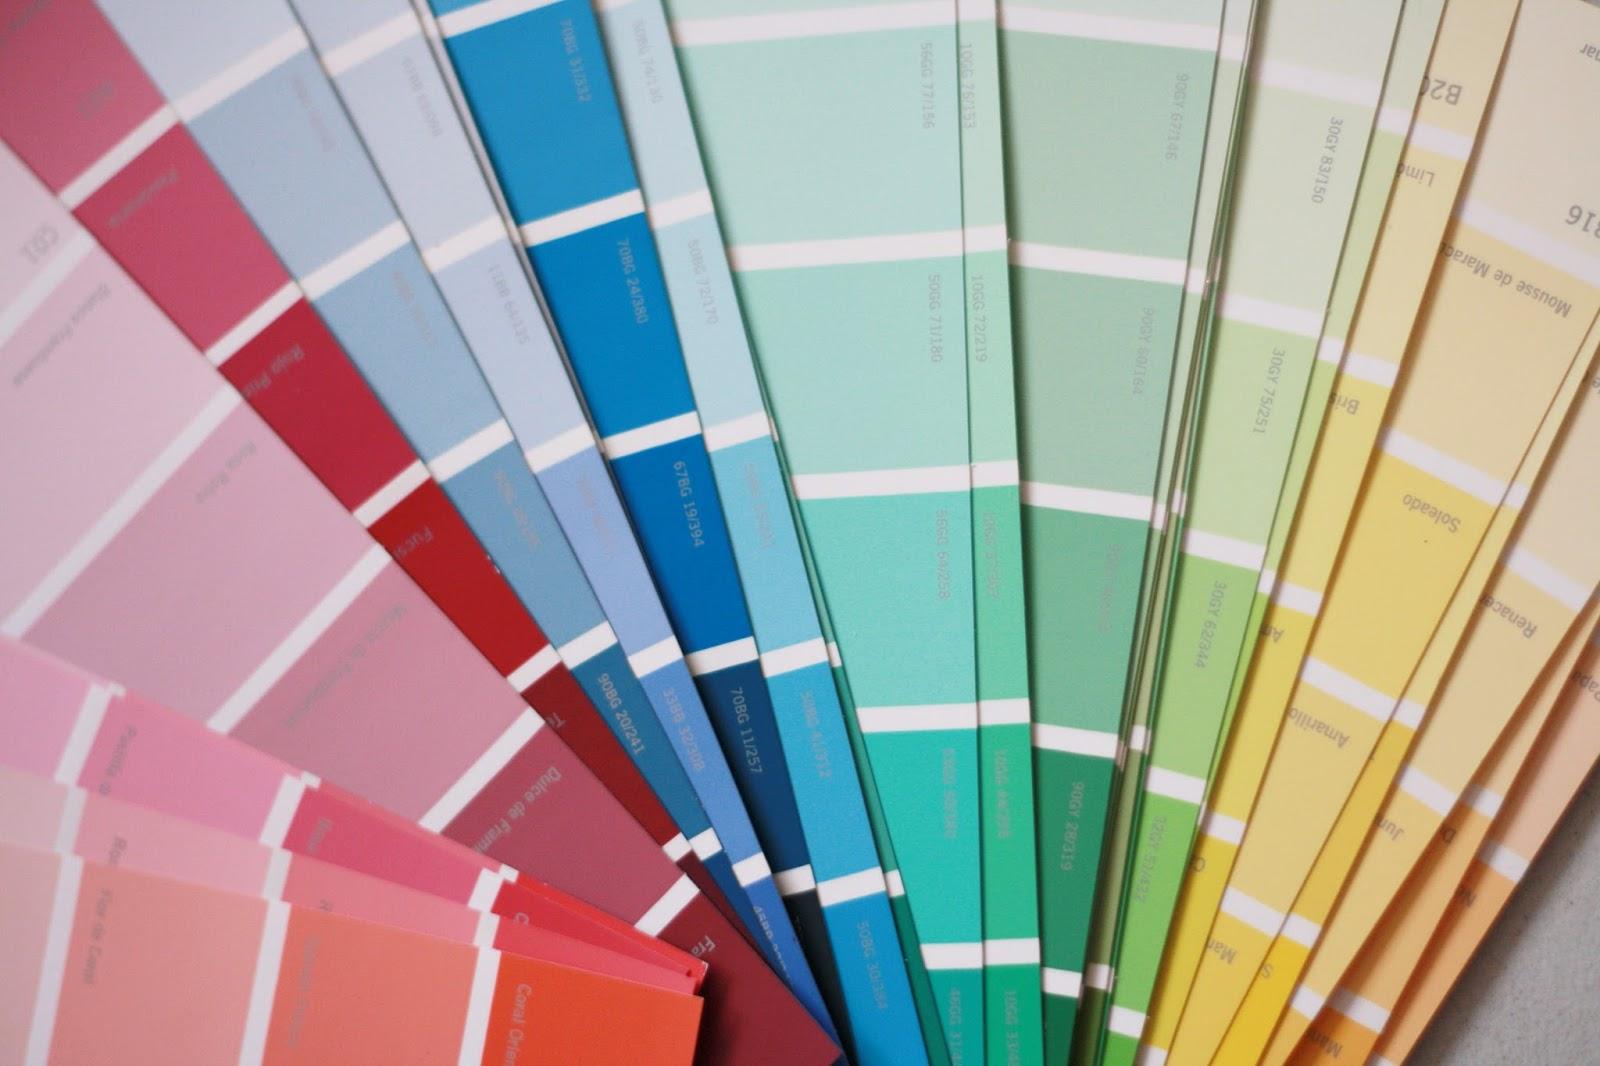 Cantando victoria cuadro con muestras de pintura versi n for Muestras de colores de pintura